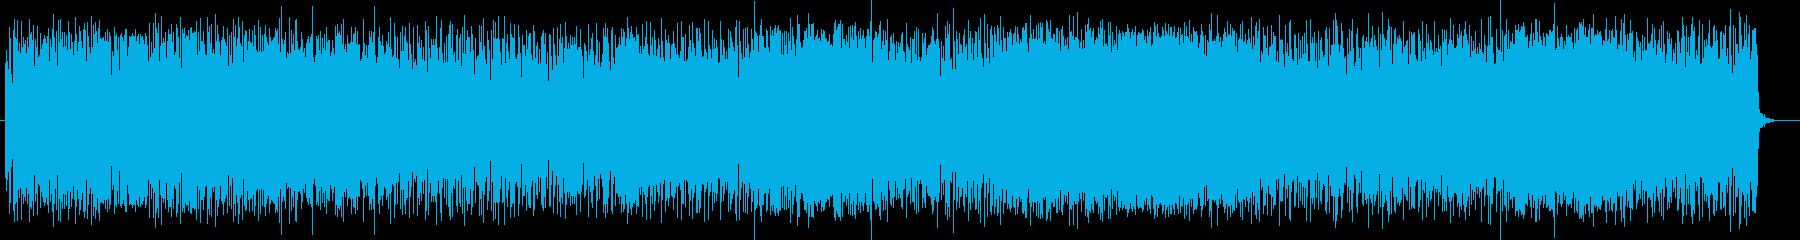 軽快でリズミカルなトランペットサウンドの再生済みの波形